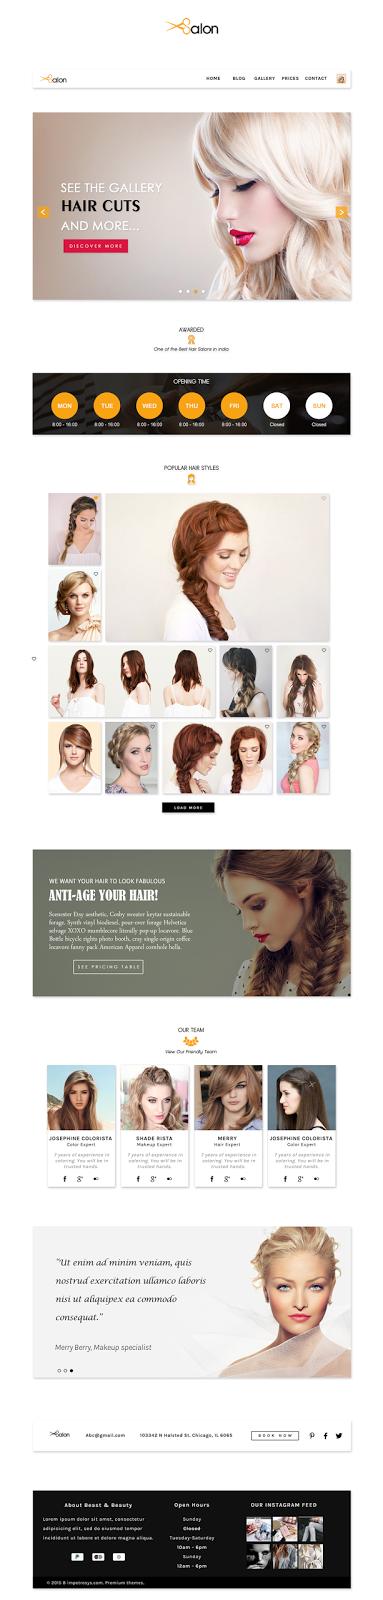 Beauty Salon Website Template Design Idea